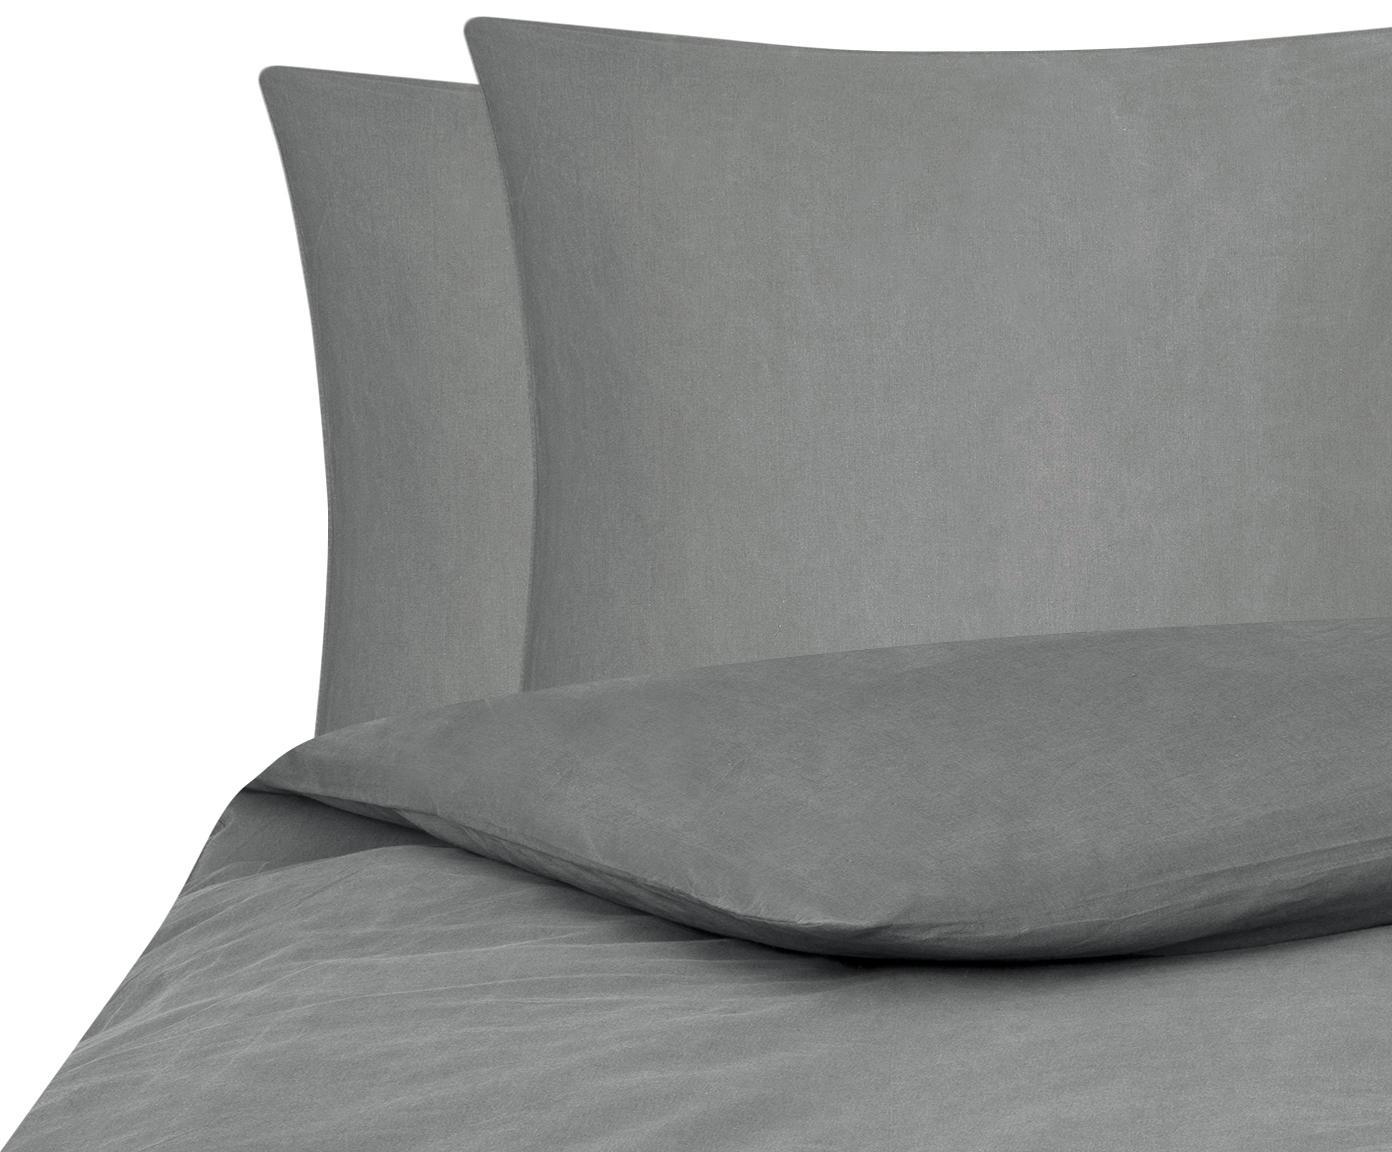 Gewaschene Baumwoll-Bettwäsche Arlene in Dunkelgrau, Webart: Renforcé Fadendichte 144 , Dunkelgrau, 200 x 200 cm + 2 Kissen 80 x 80 cm